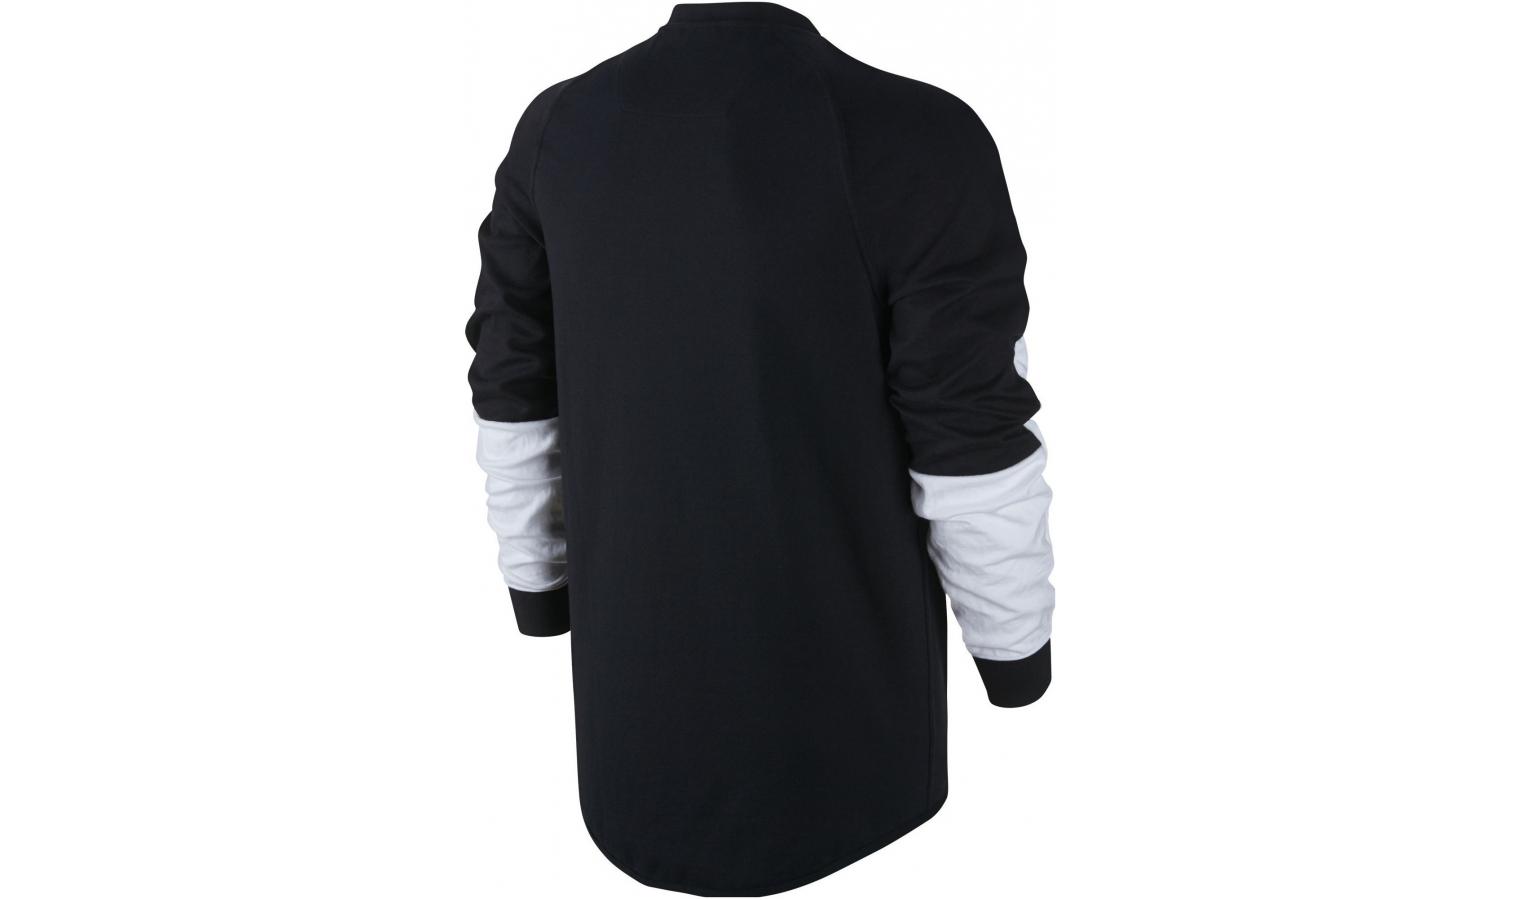 Pánská mikina Nike SPORTSWEAR ADVANCE 15 CREW černá  7a40e47f0f